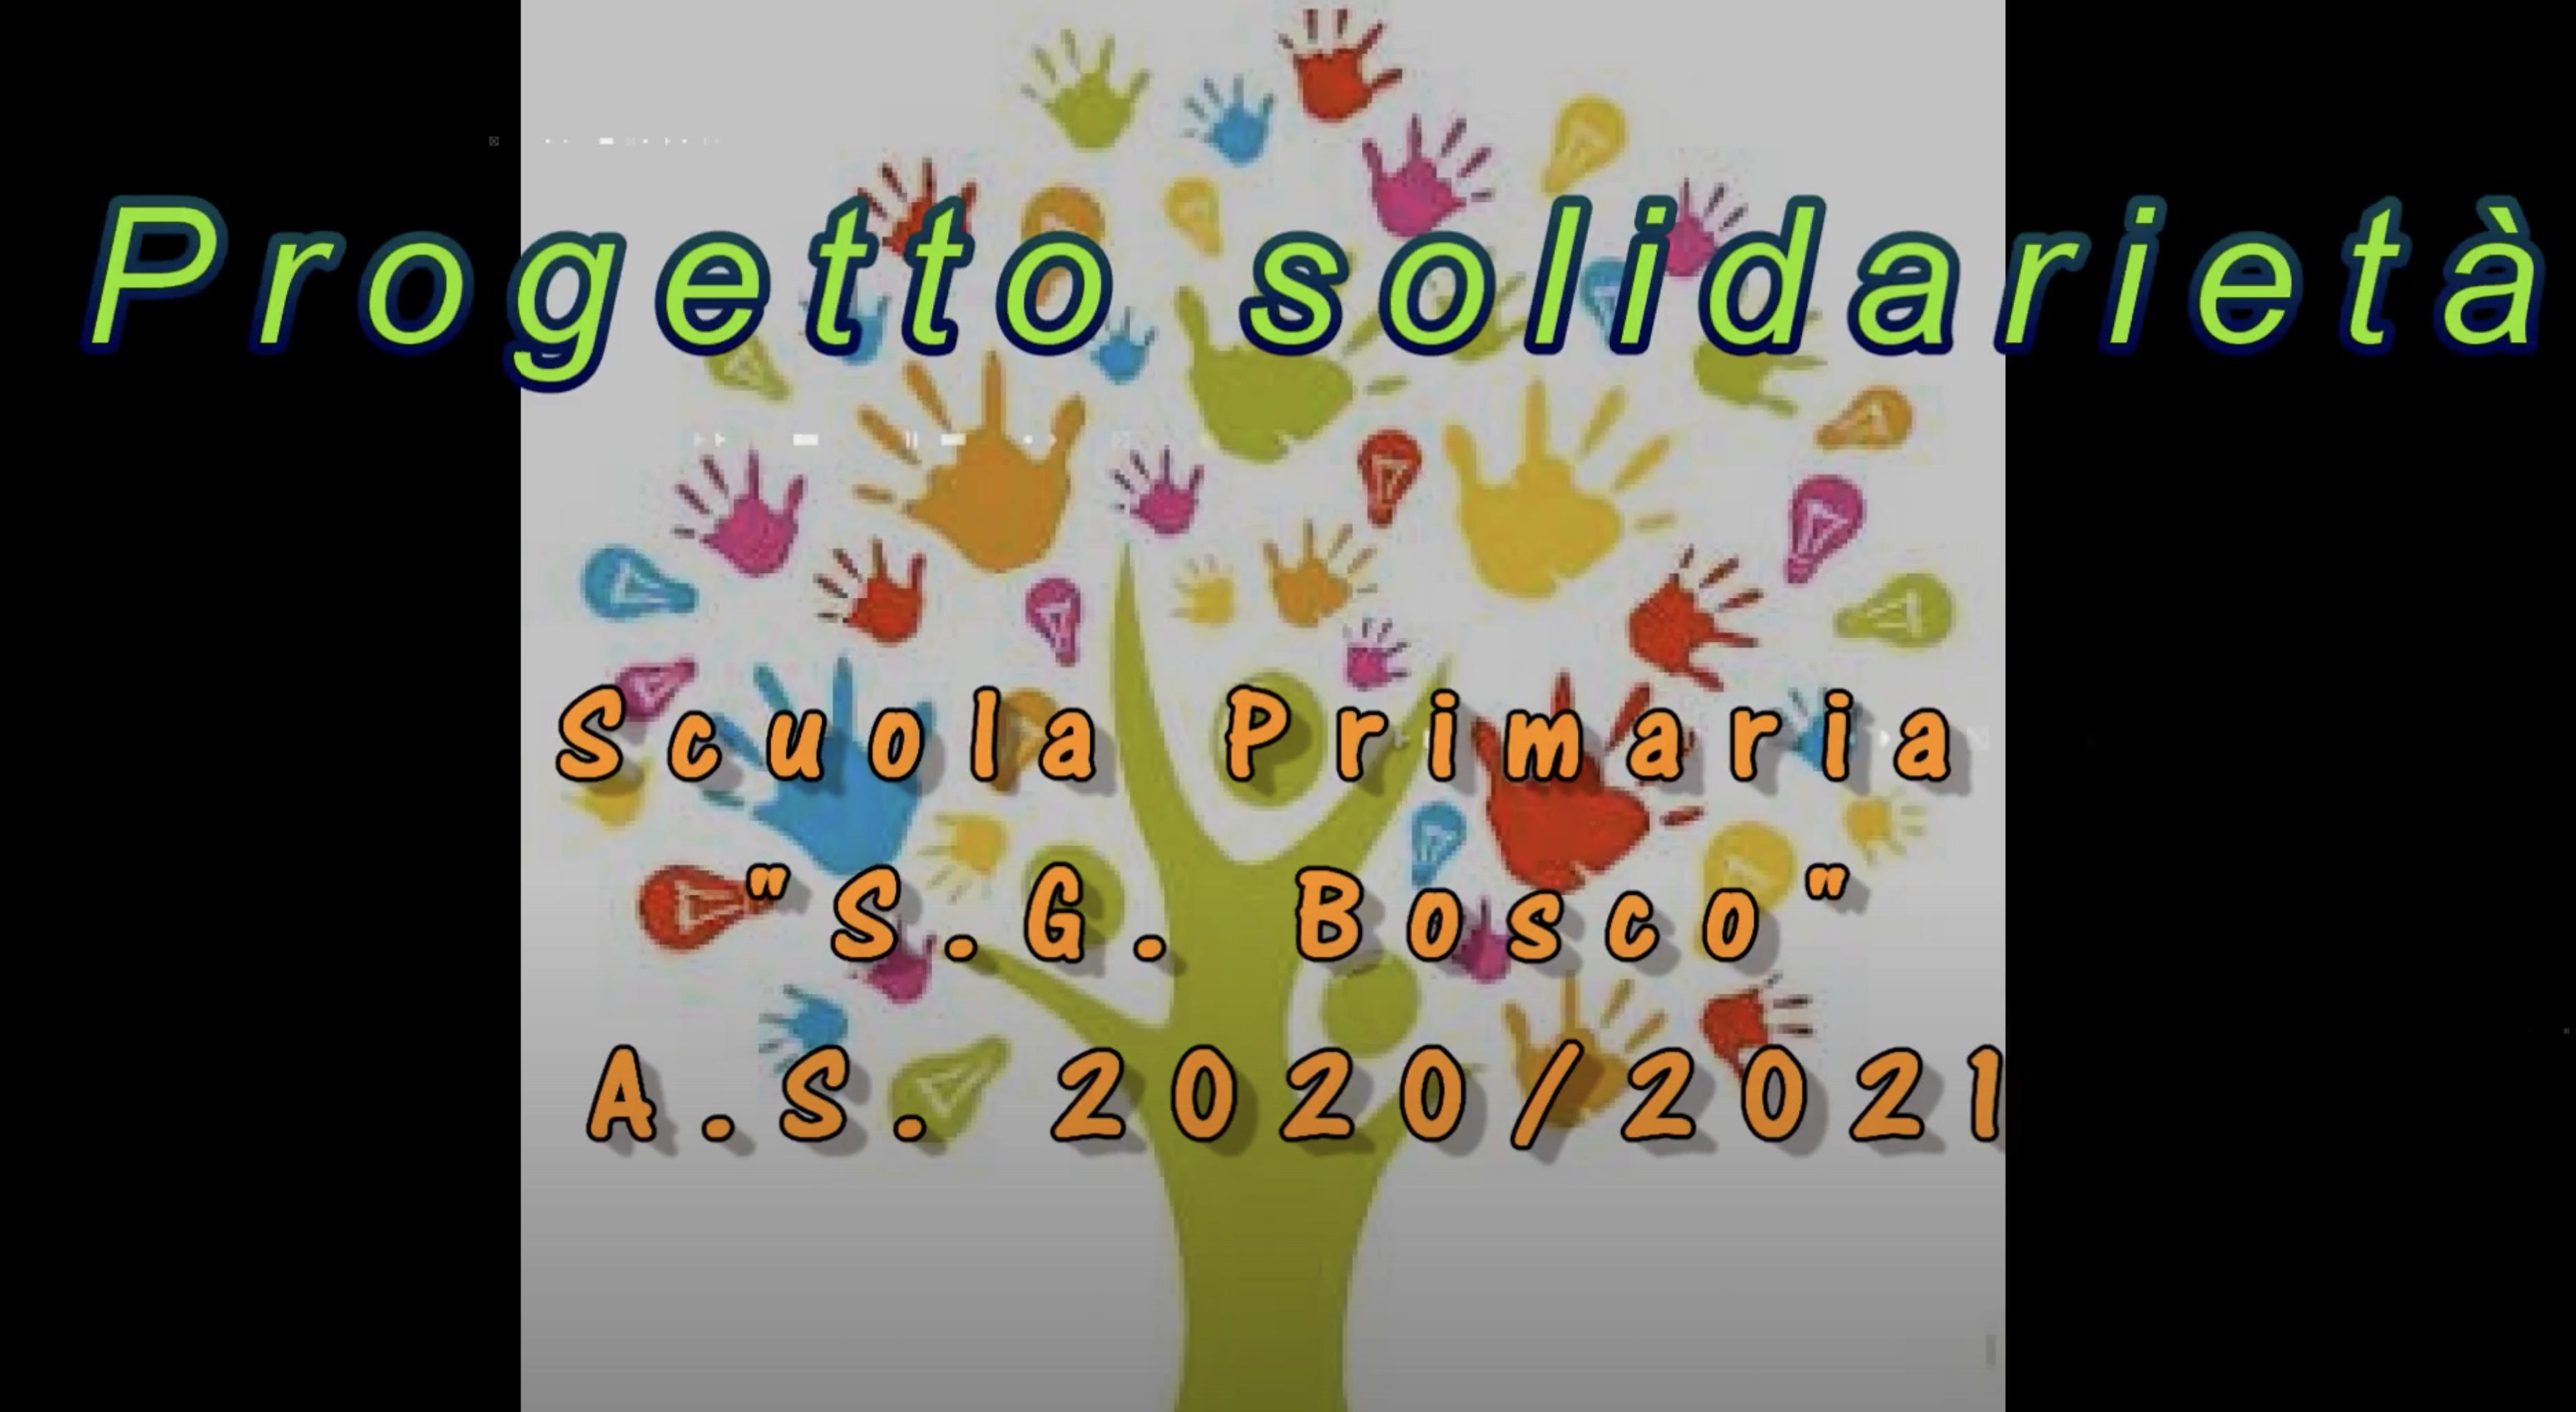 Progetto solidarietà 2021